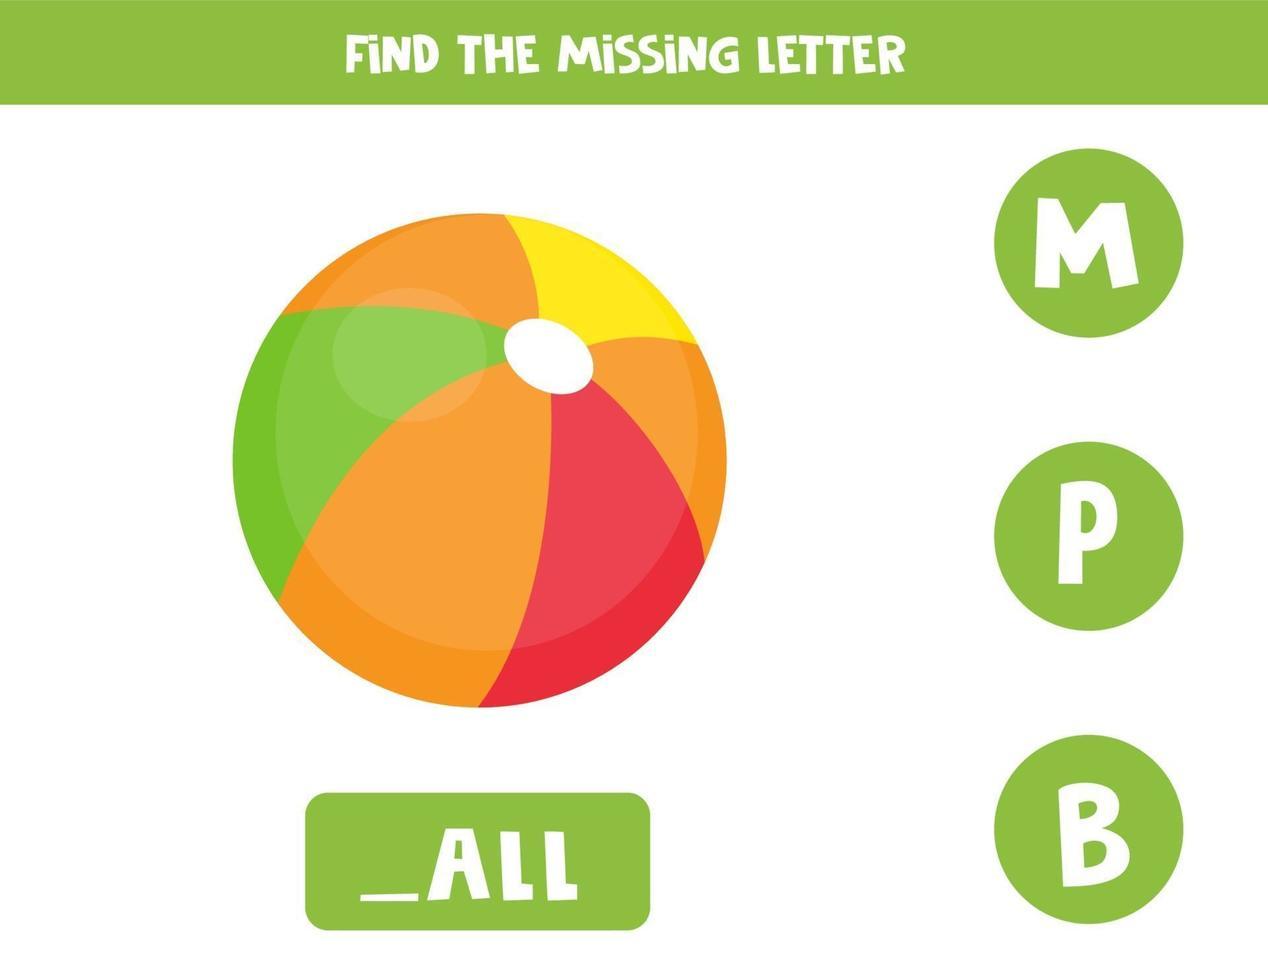 Finde den fehlenden Brief und schreibe ihn auf. niedlicher Cartoonball. vektor